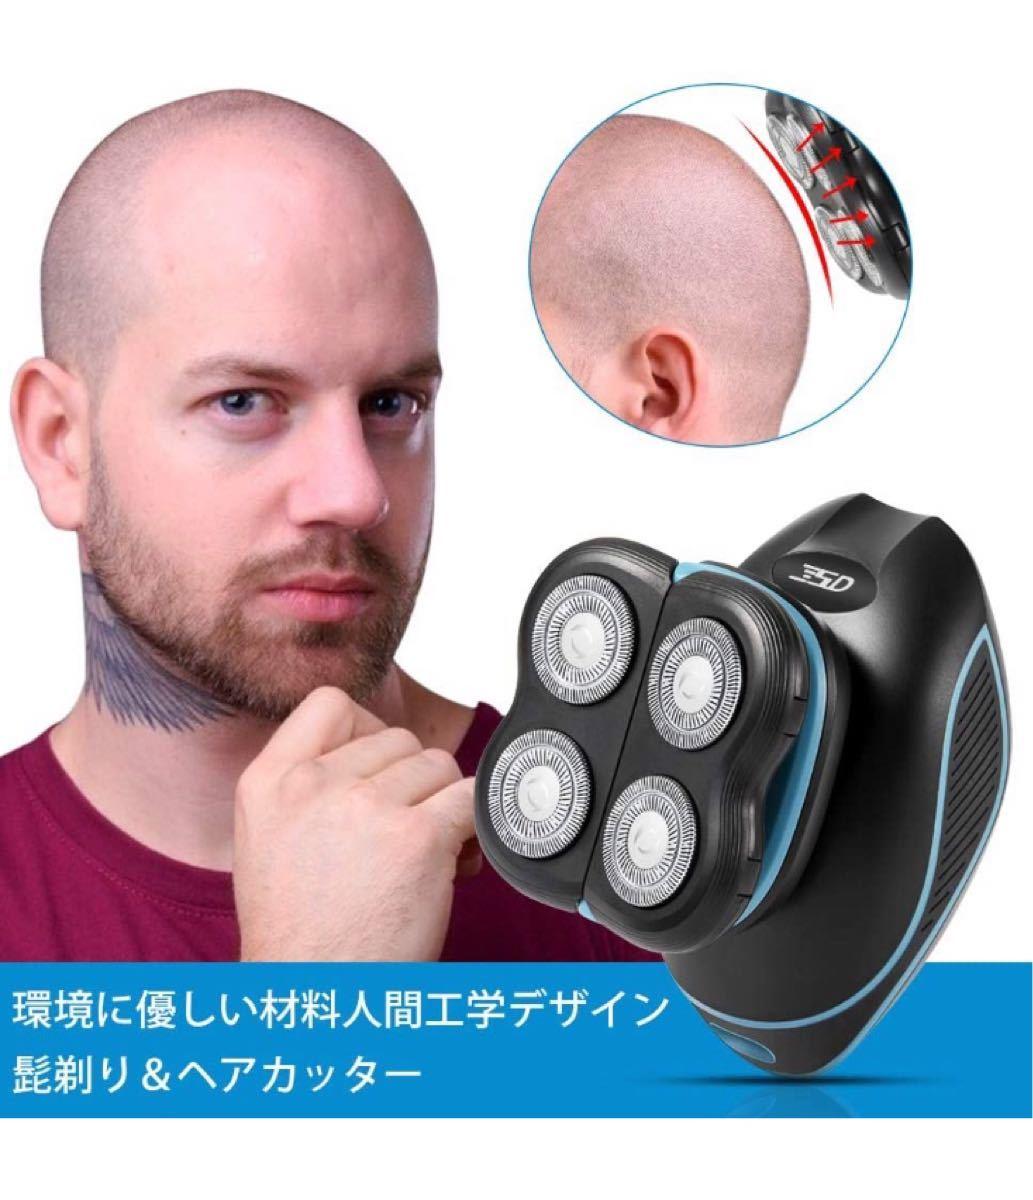 動シェーバー メンズシェーバー 電気 髭剃り 回転式 電動カミソリ ひげそり